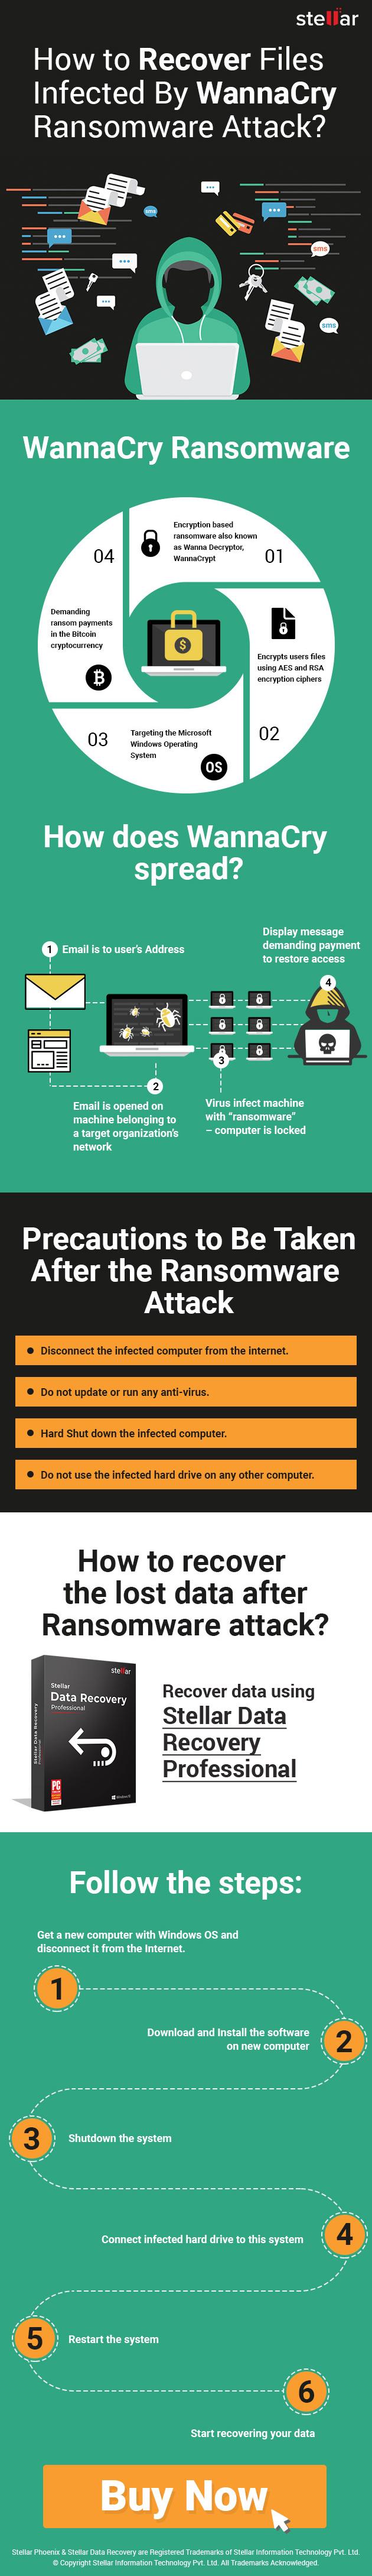 WannaCry Ransomwa